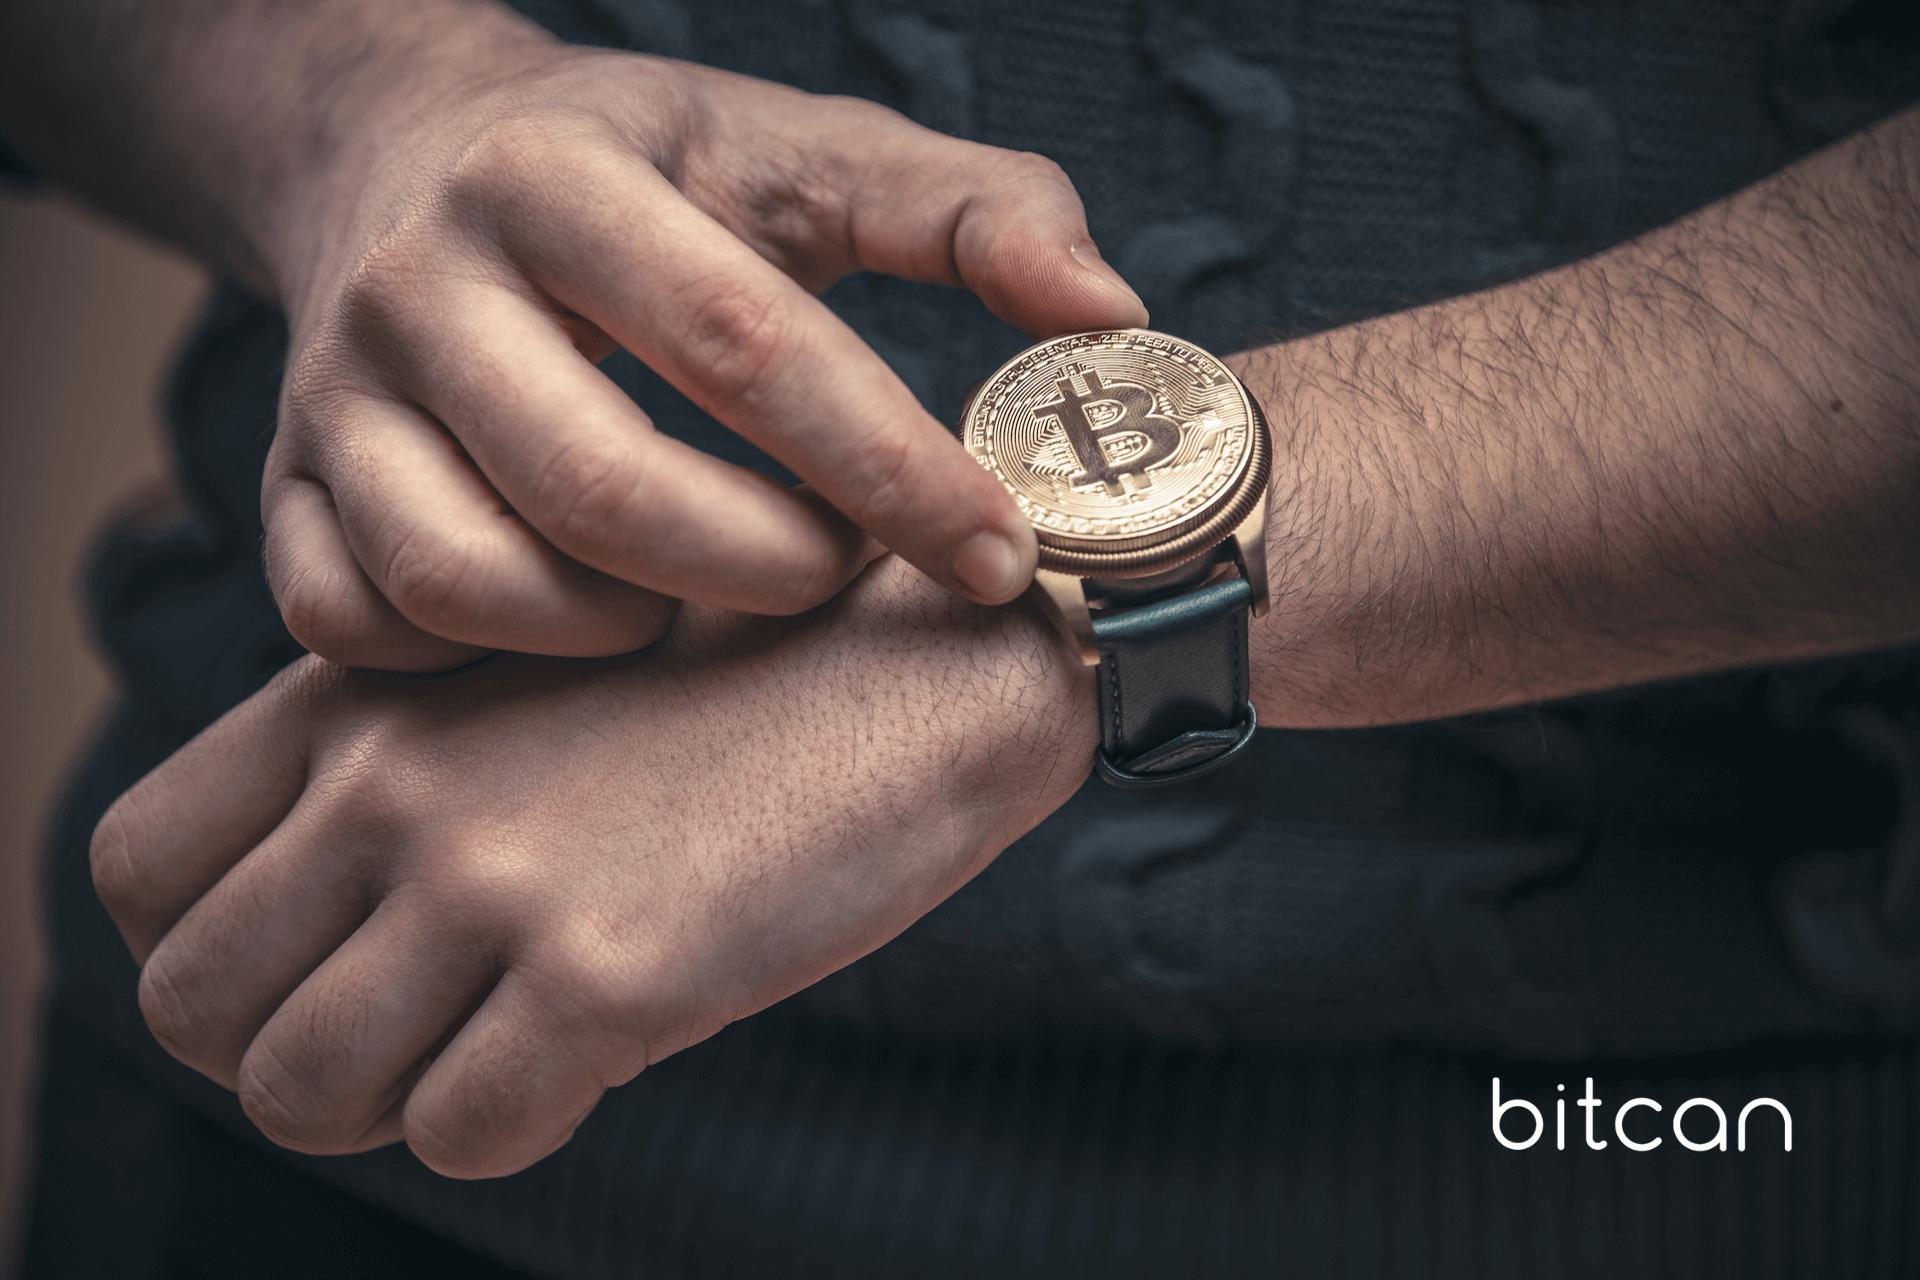 Dlaczego nie jest za późno, żeby zacząć inwestycje w bitcoin